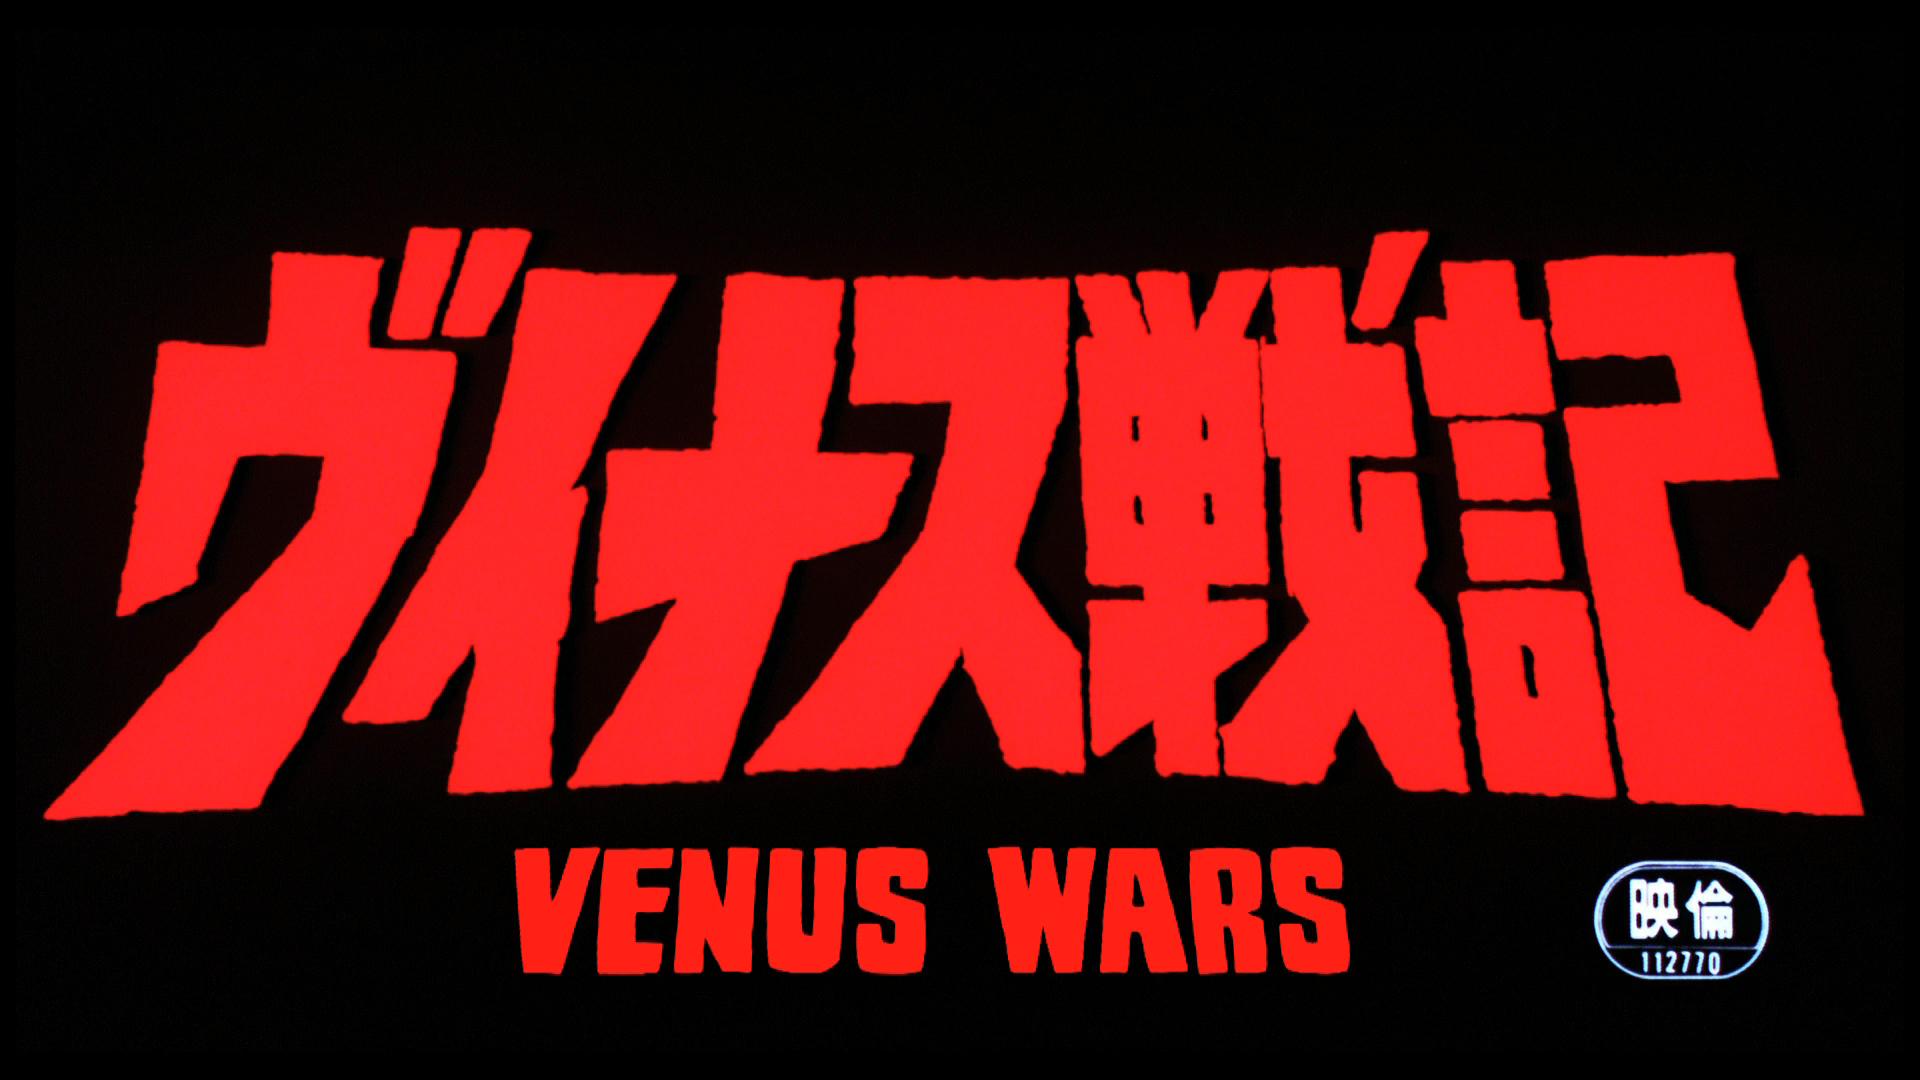 2016-01-06-VENUS_WARS-SS-01-USBD.jpg